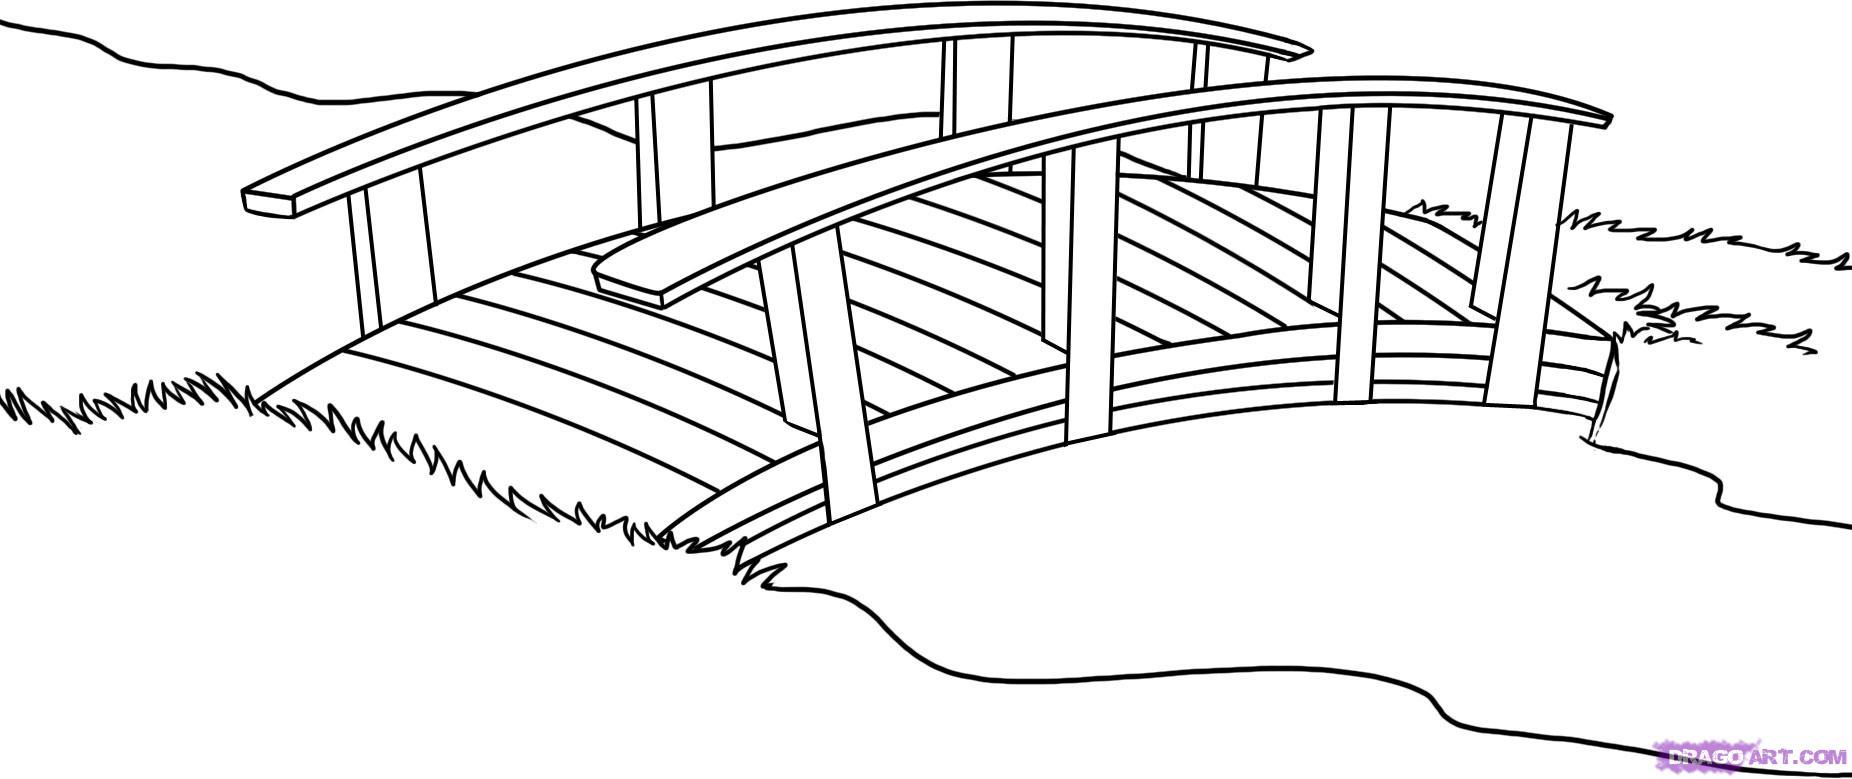 Bridge clipart #3, Download drawings